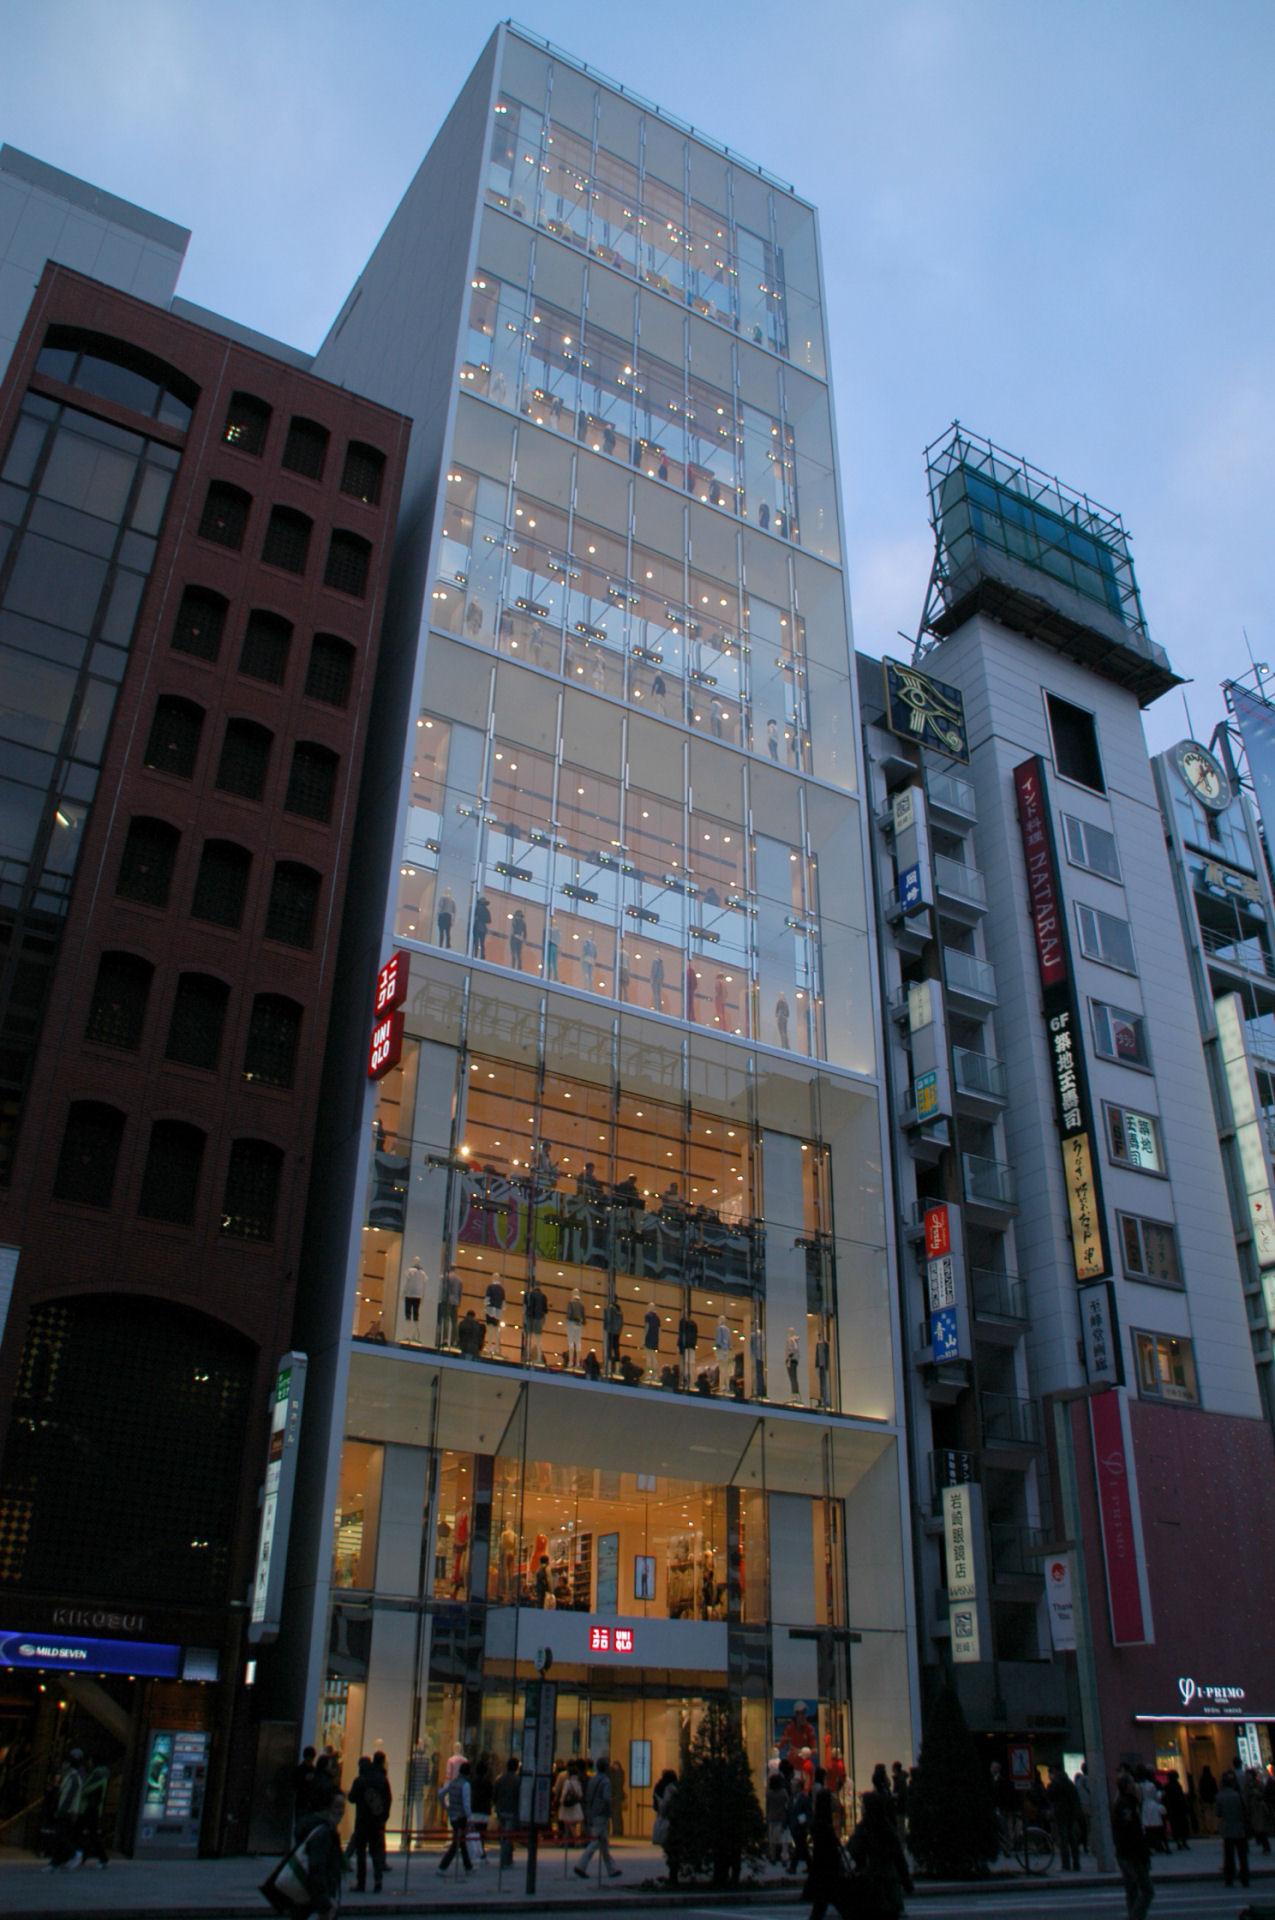 ユニクロ銀座店 - 都市の風景 Building and Subculture In Tokyo